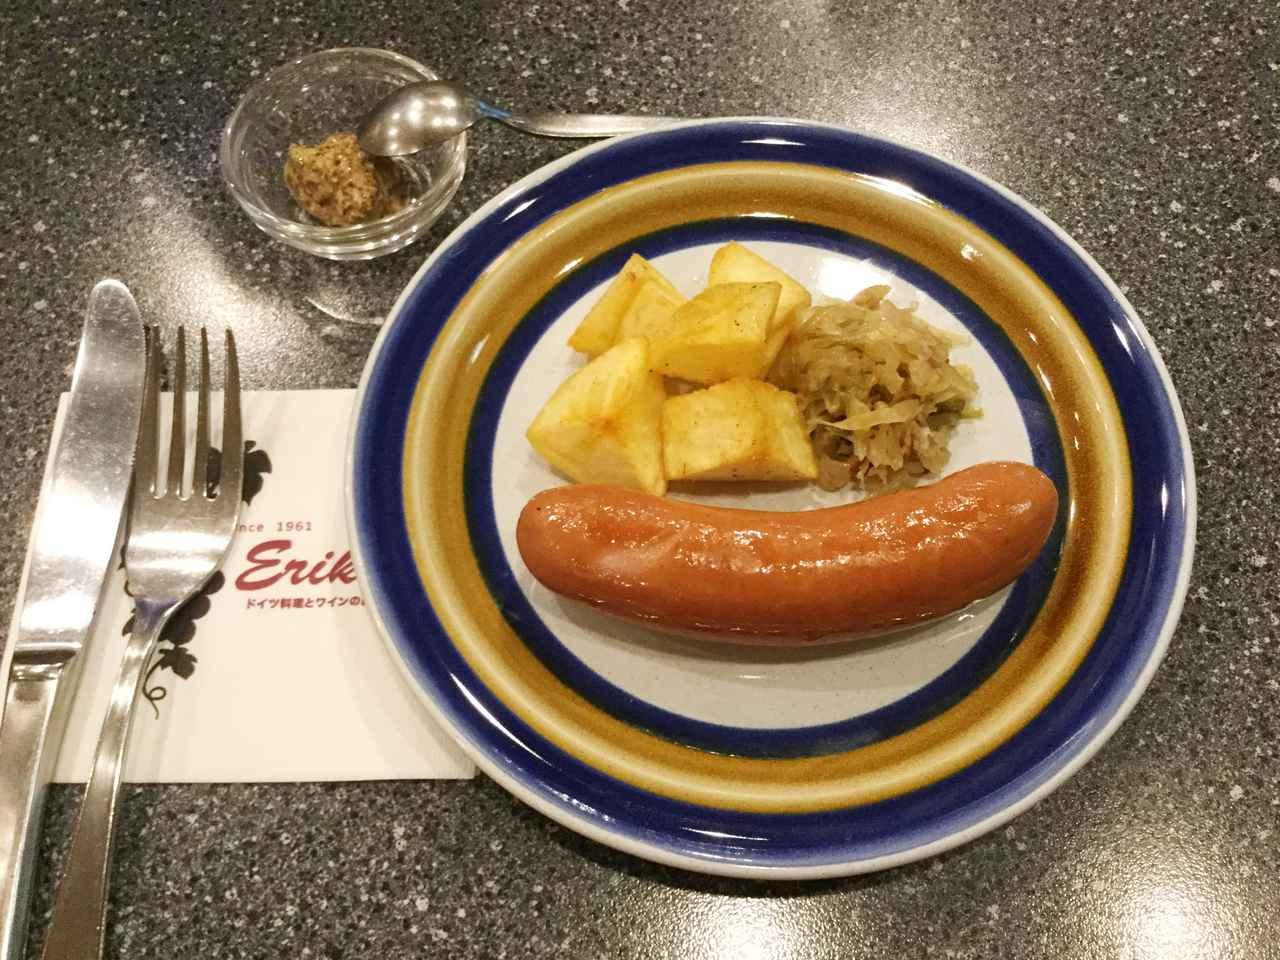 画像: 池袋シネマ・ロサから徒歩1分のドイツ料理店エリカとのタイアップメニュー